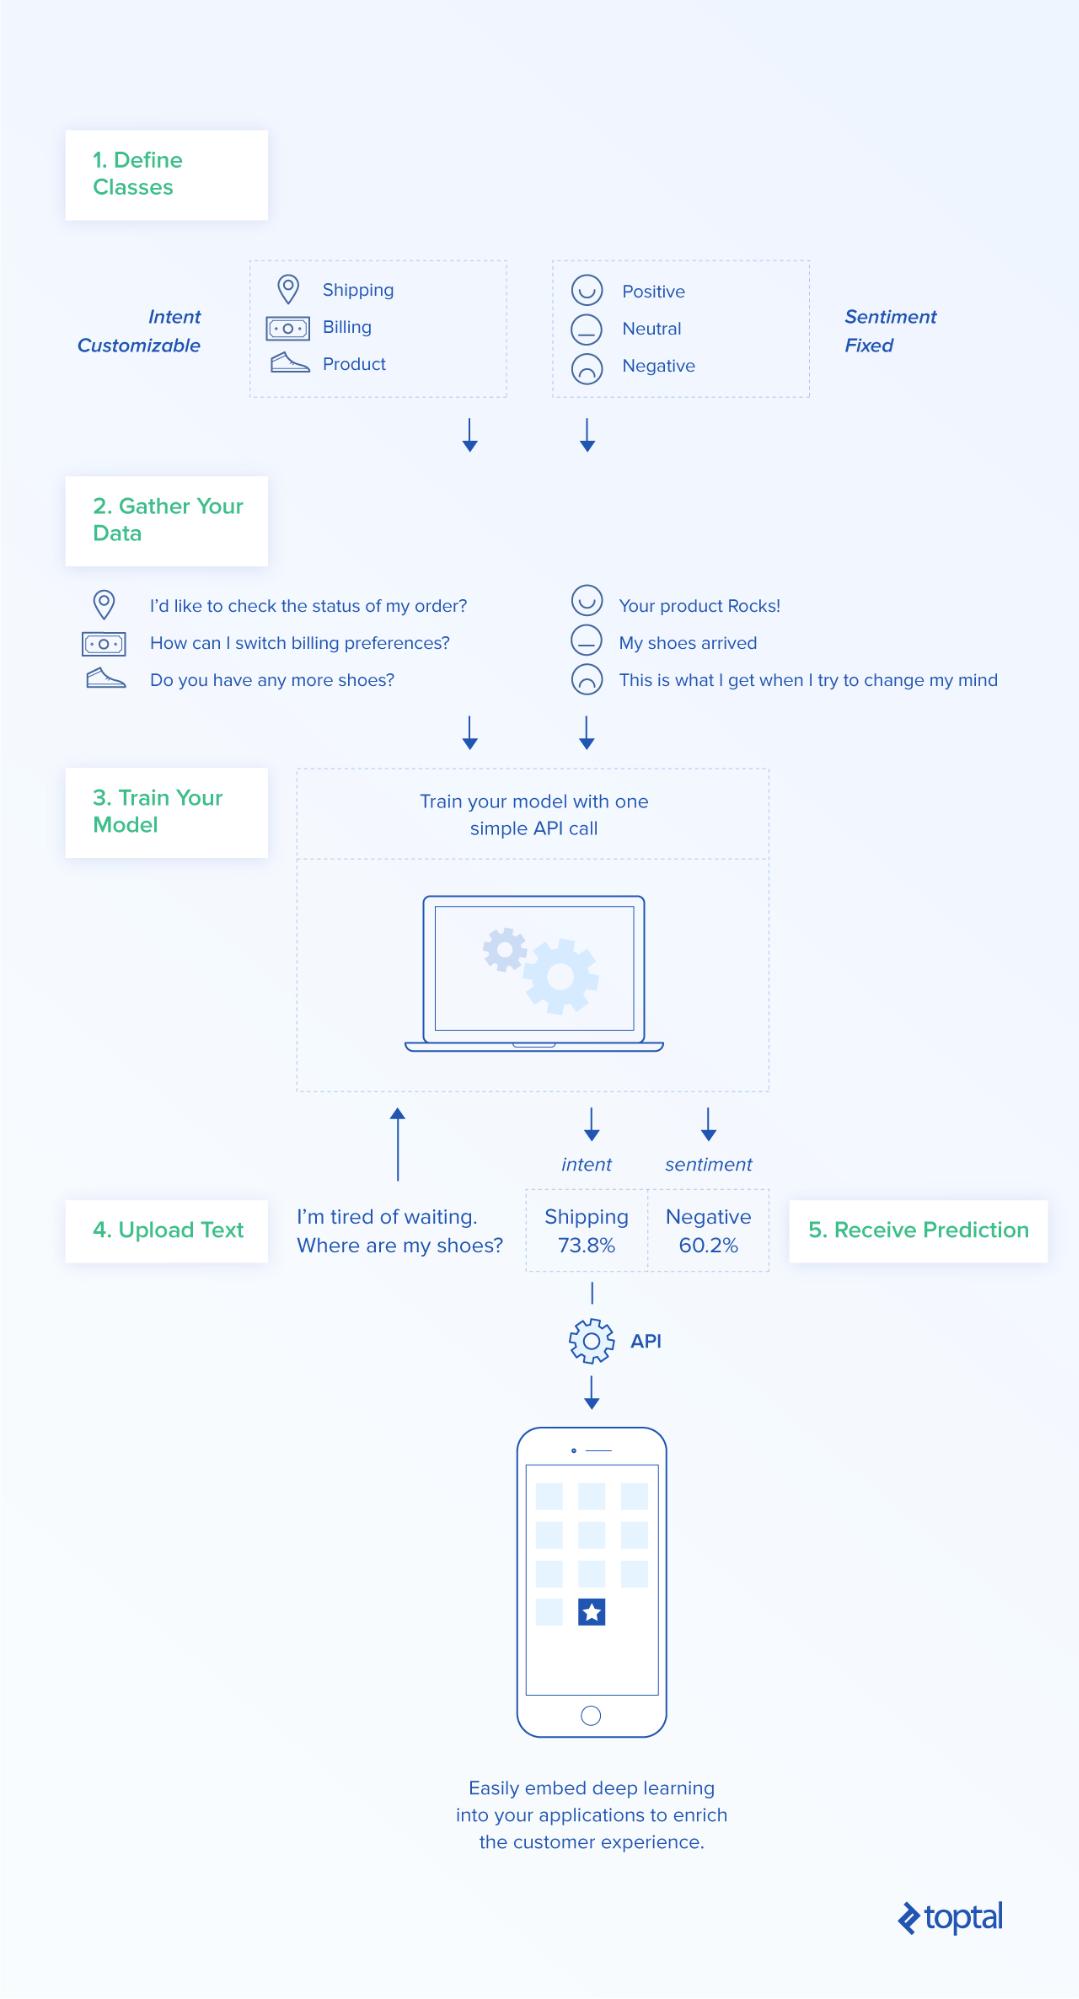 No-Fuss AI for Your App: Meet Salesforce Einstein - Image 5